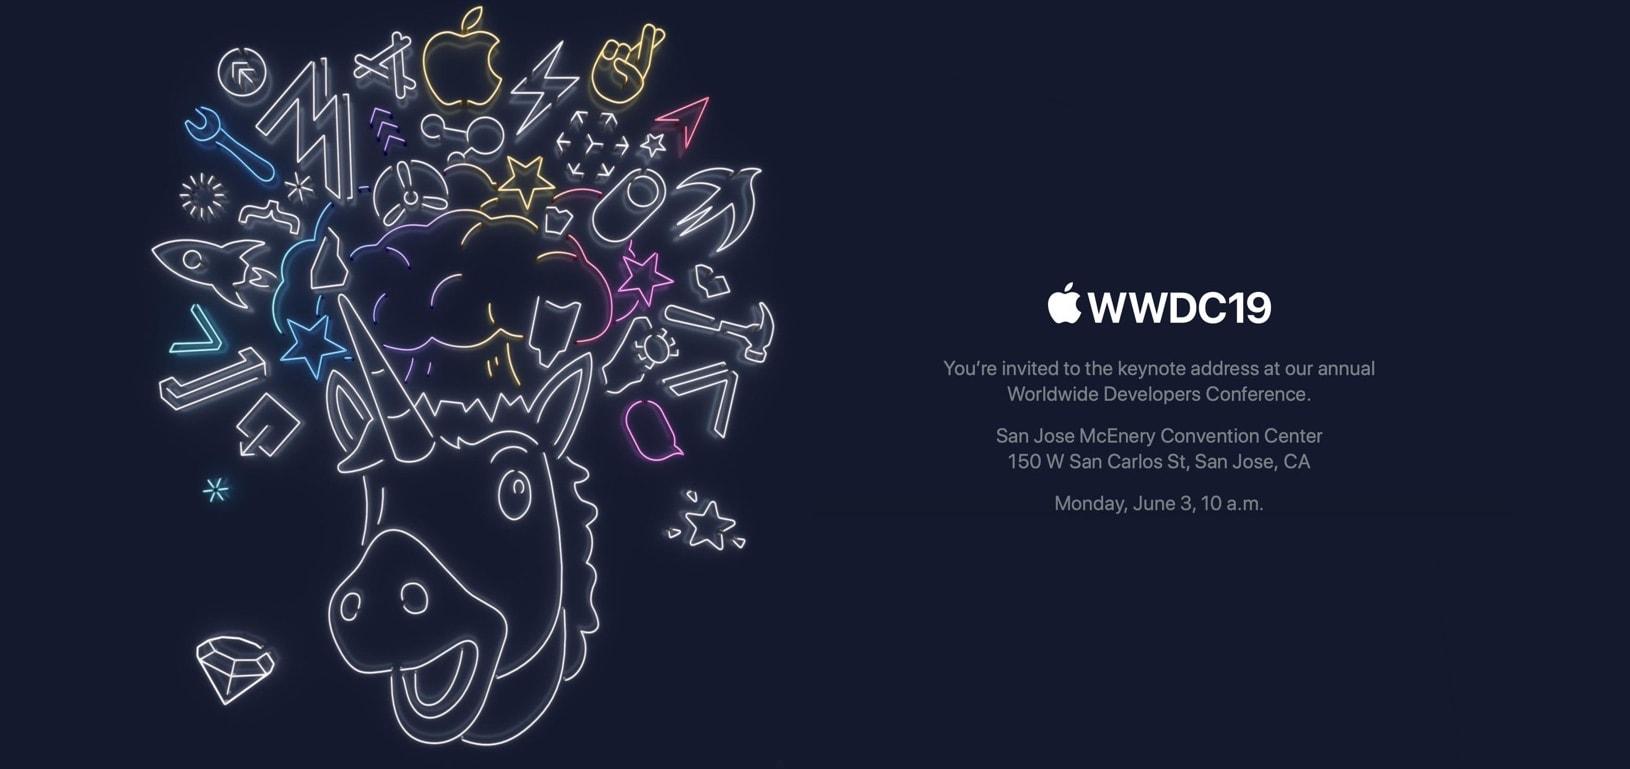 WWDC 2019 invitation